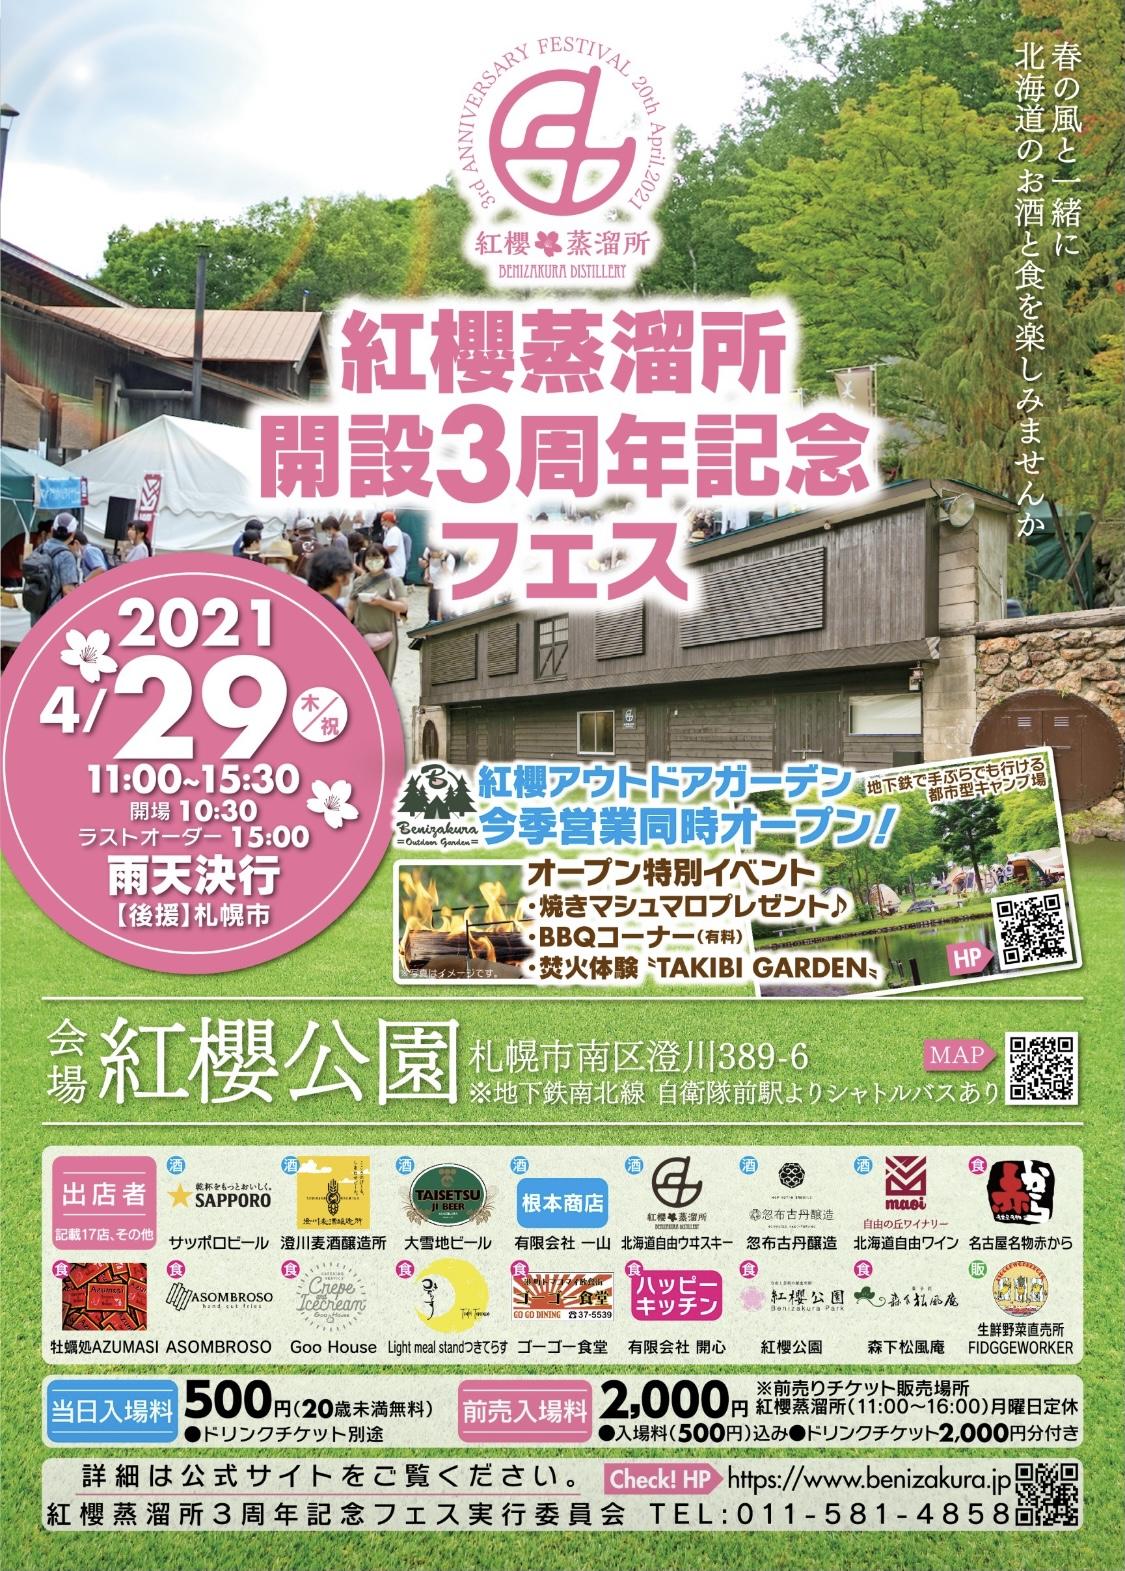 4月29日㈷紅櫻蒸溜所3周年記念フェス開催のお知